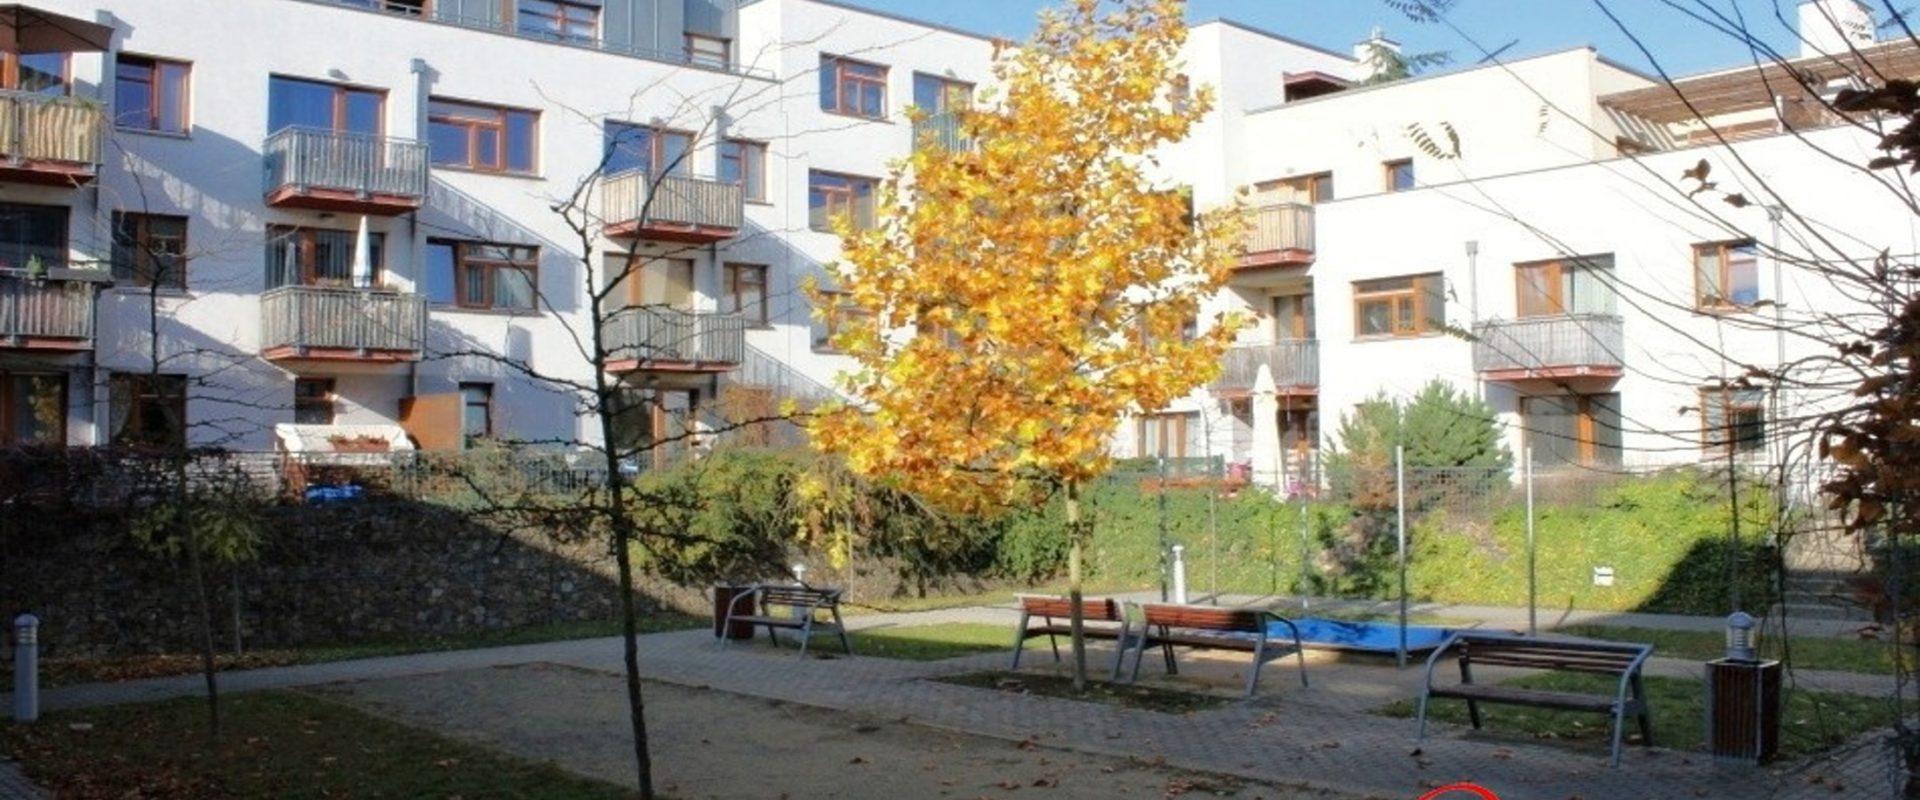 Prodej bytu 2+kk/předzahrádka, sklep, 99m2, garážové místo, Praha Zbraslav.